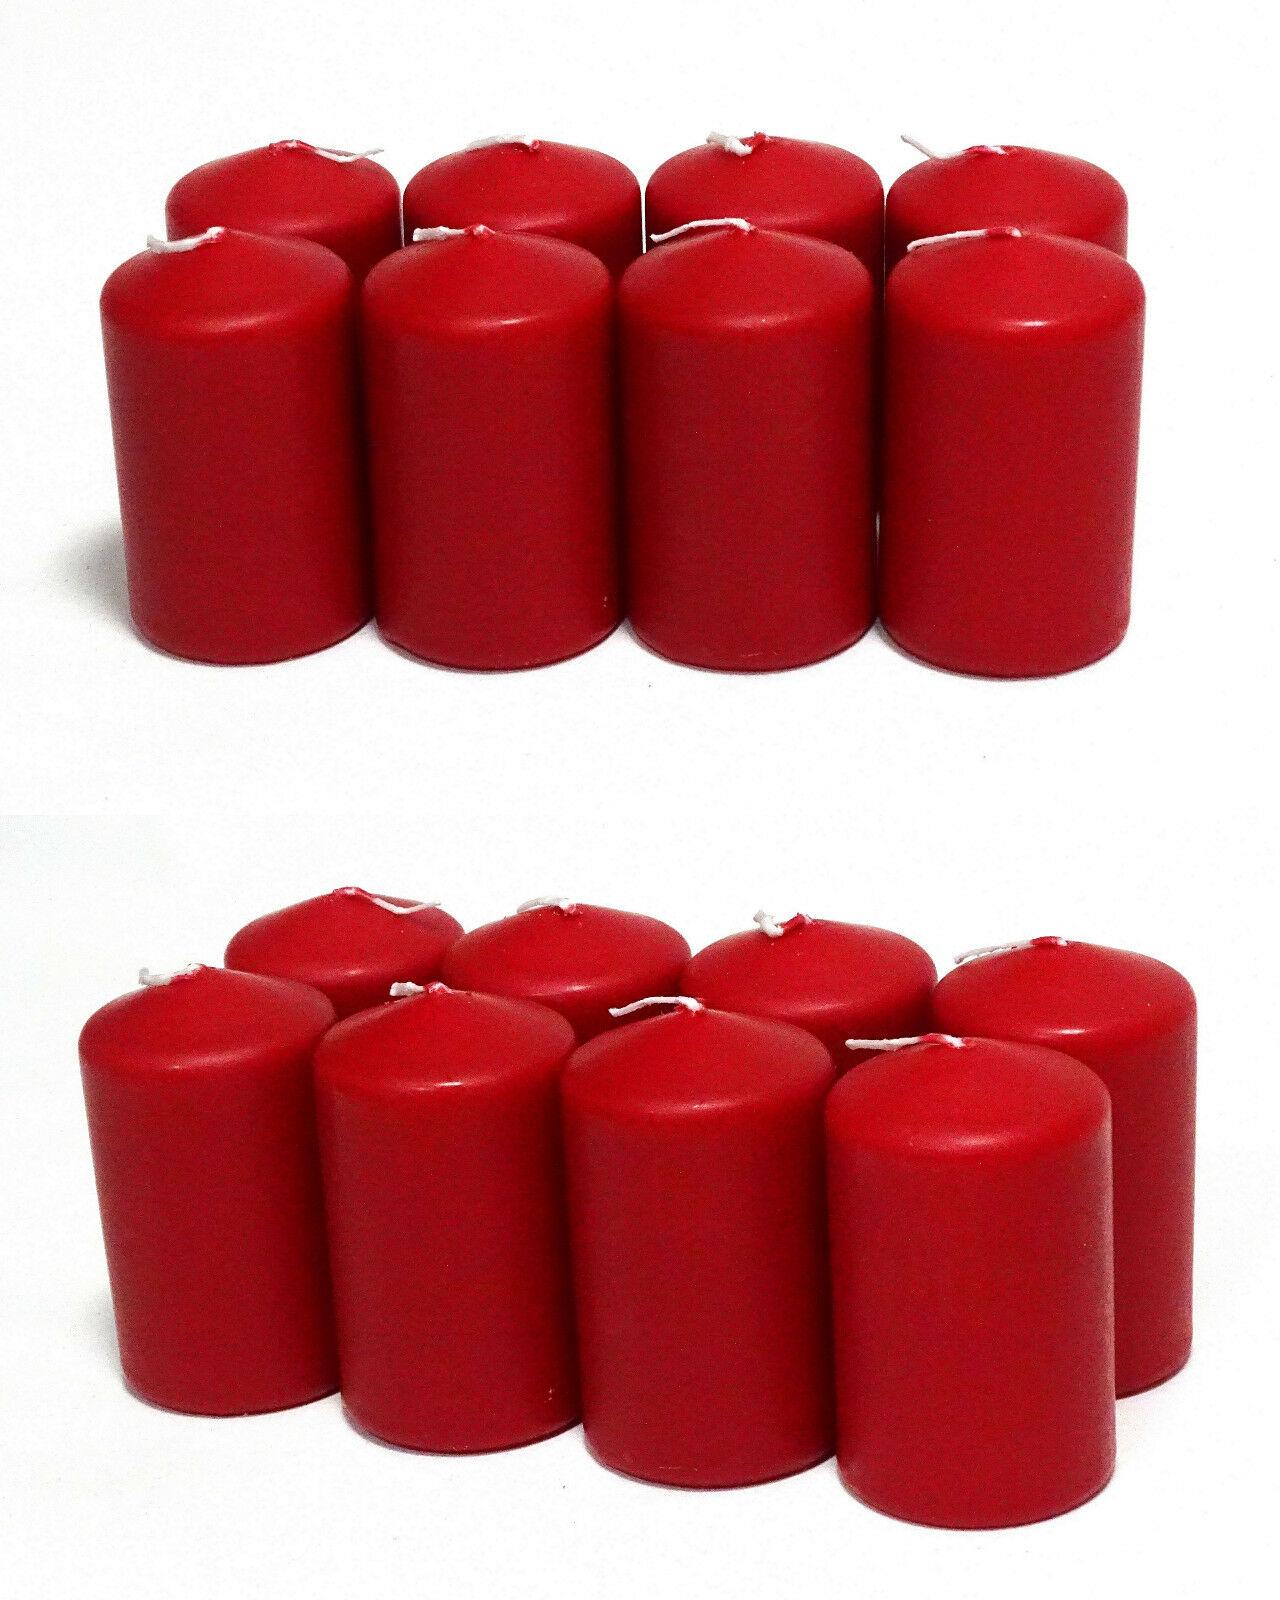 8 - 16 Stück Stumpenkerzen 95 x 58 mm Candle Stumpen Kerzen Rot - 16 Stück